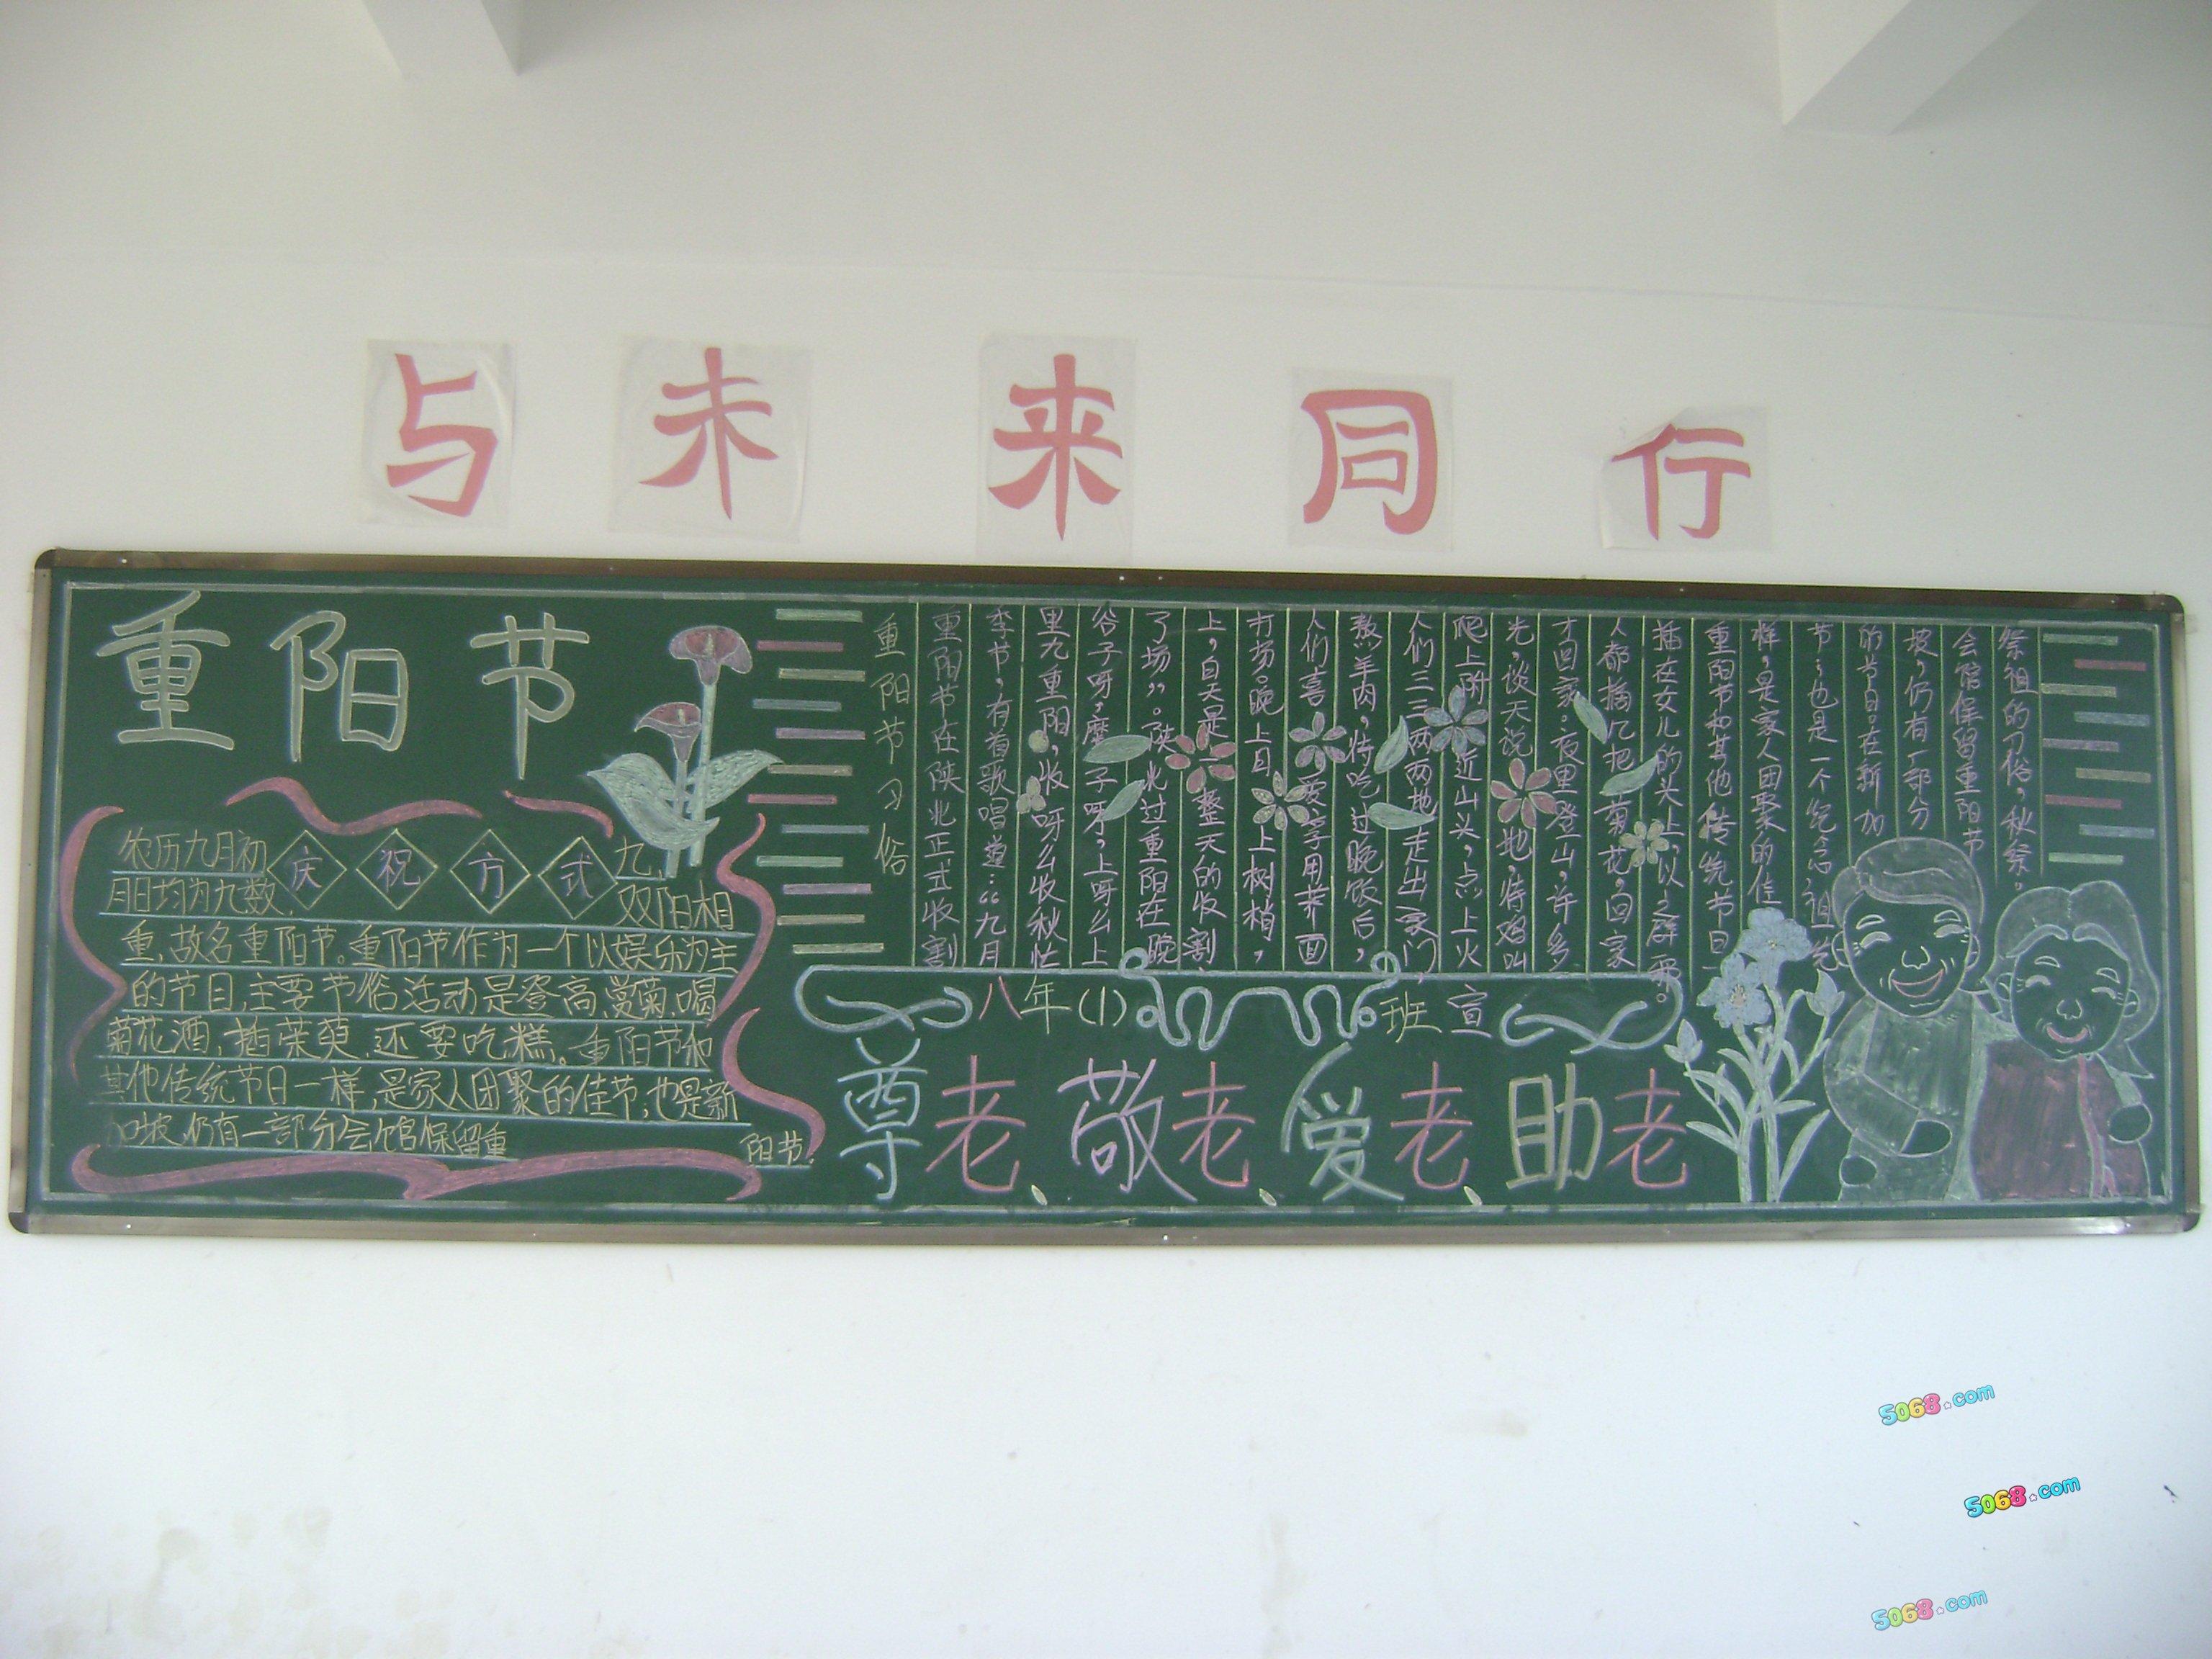 2014庆重阳黑板报:重阳节敬老